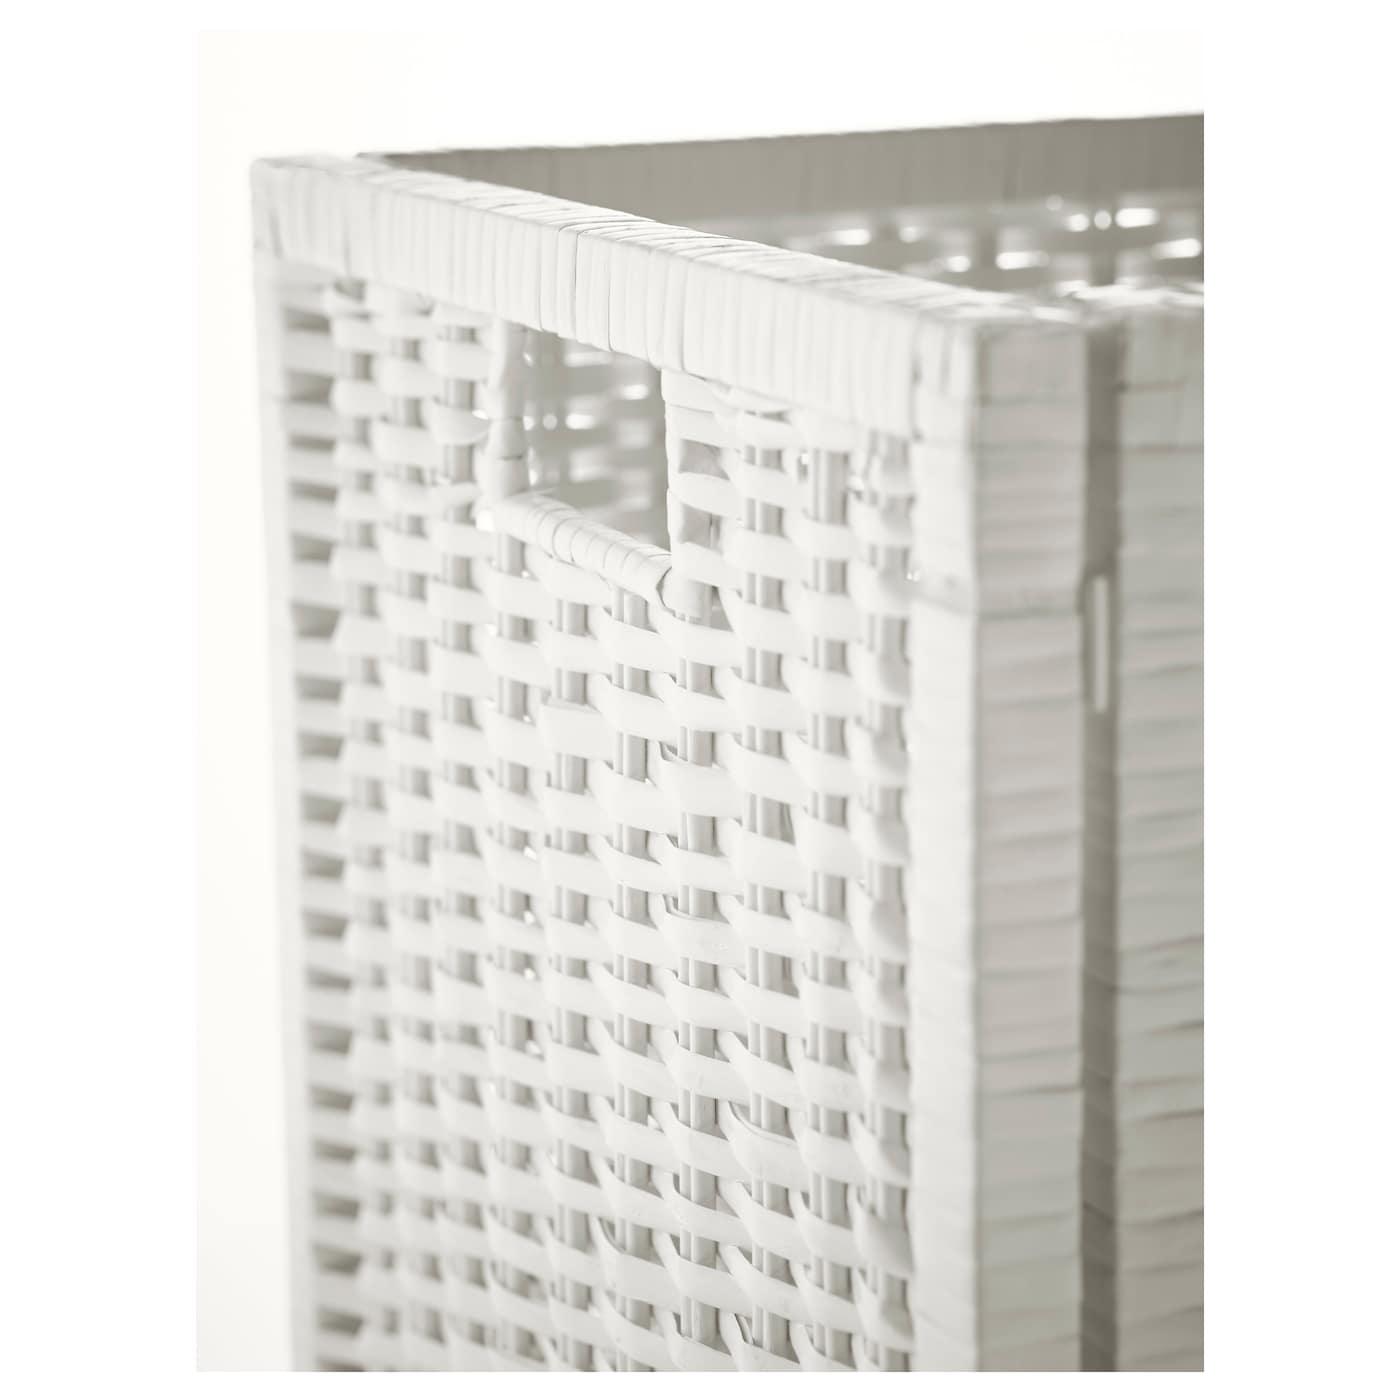 Bran s panier blanc 32 x 34 x 32 cm ikea for Paniers blancs ikea